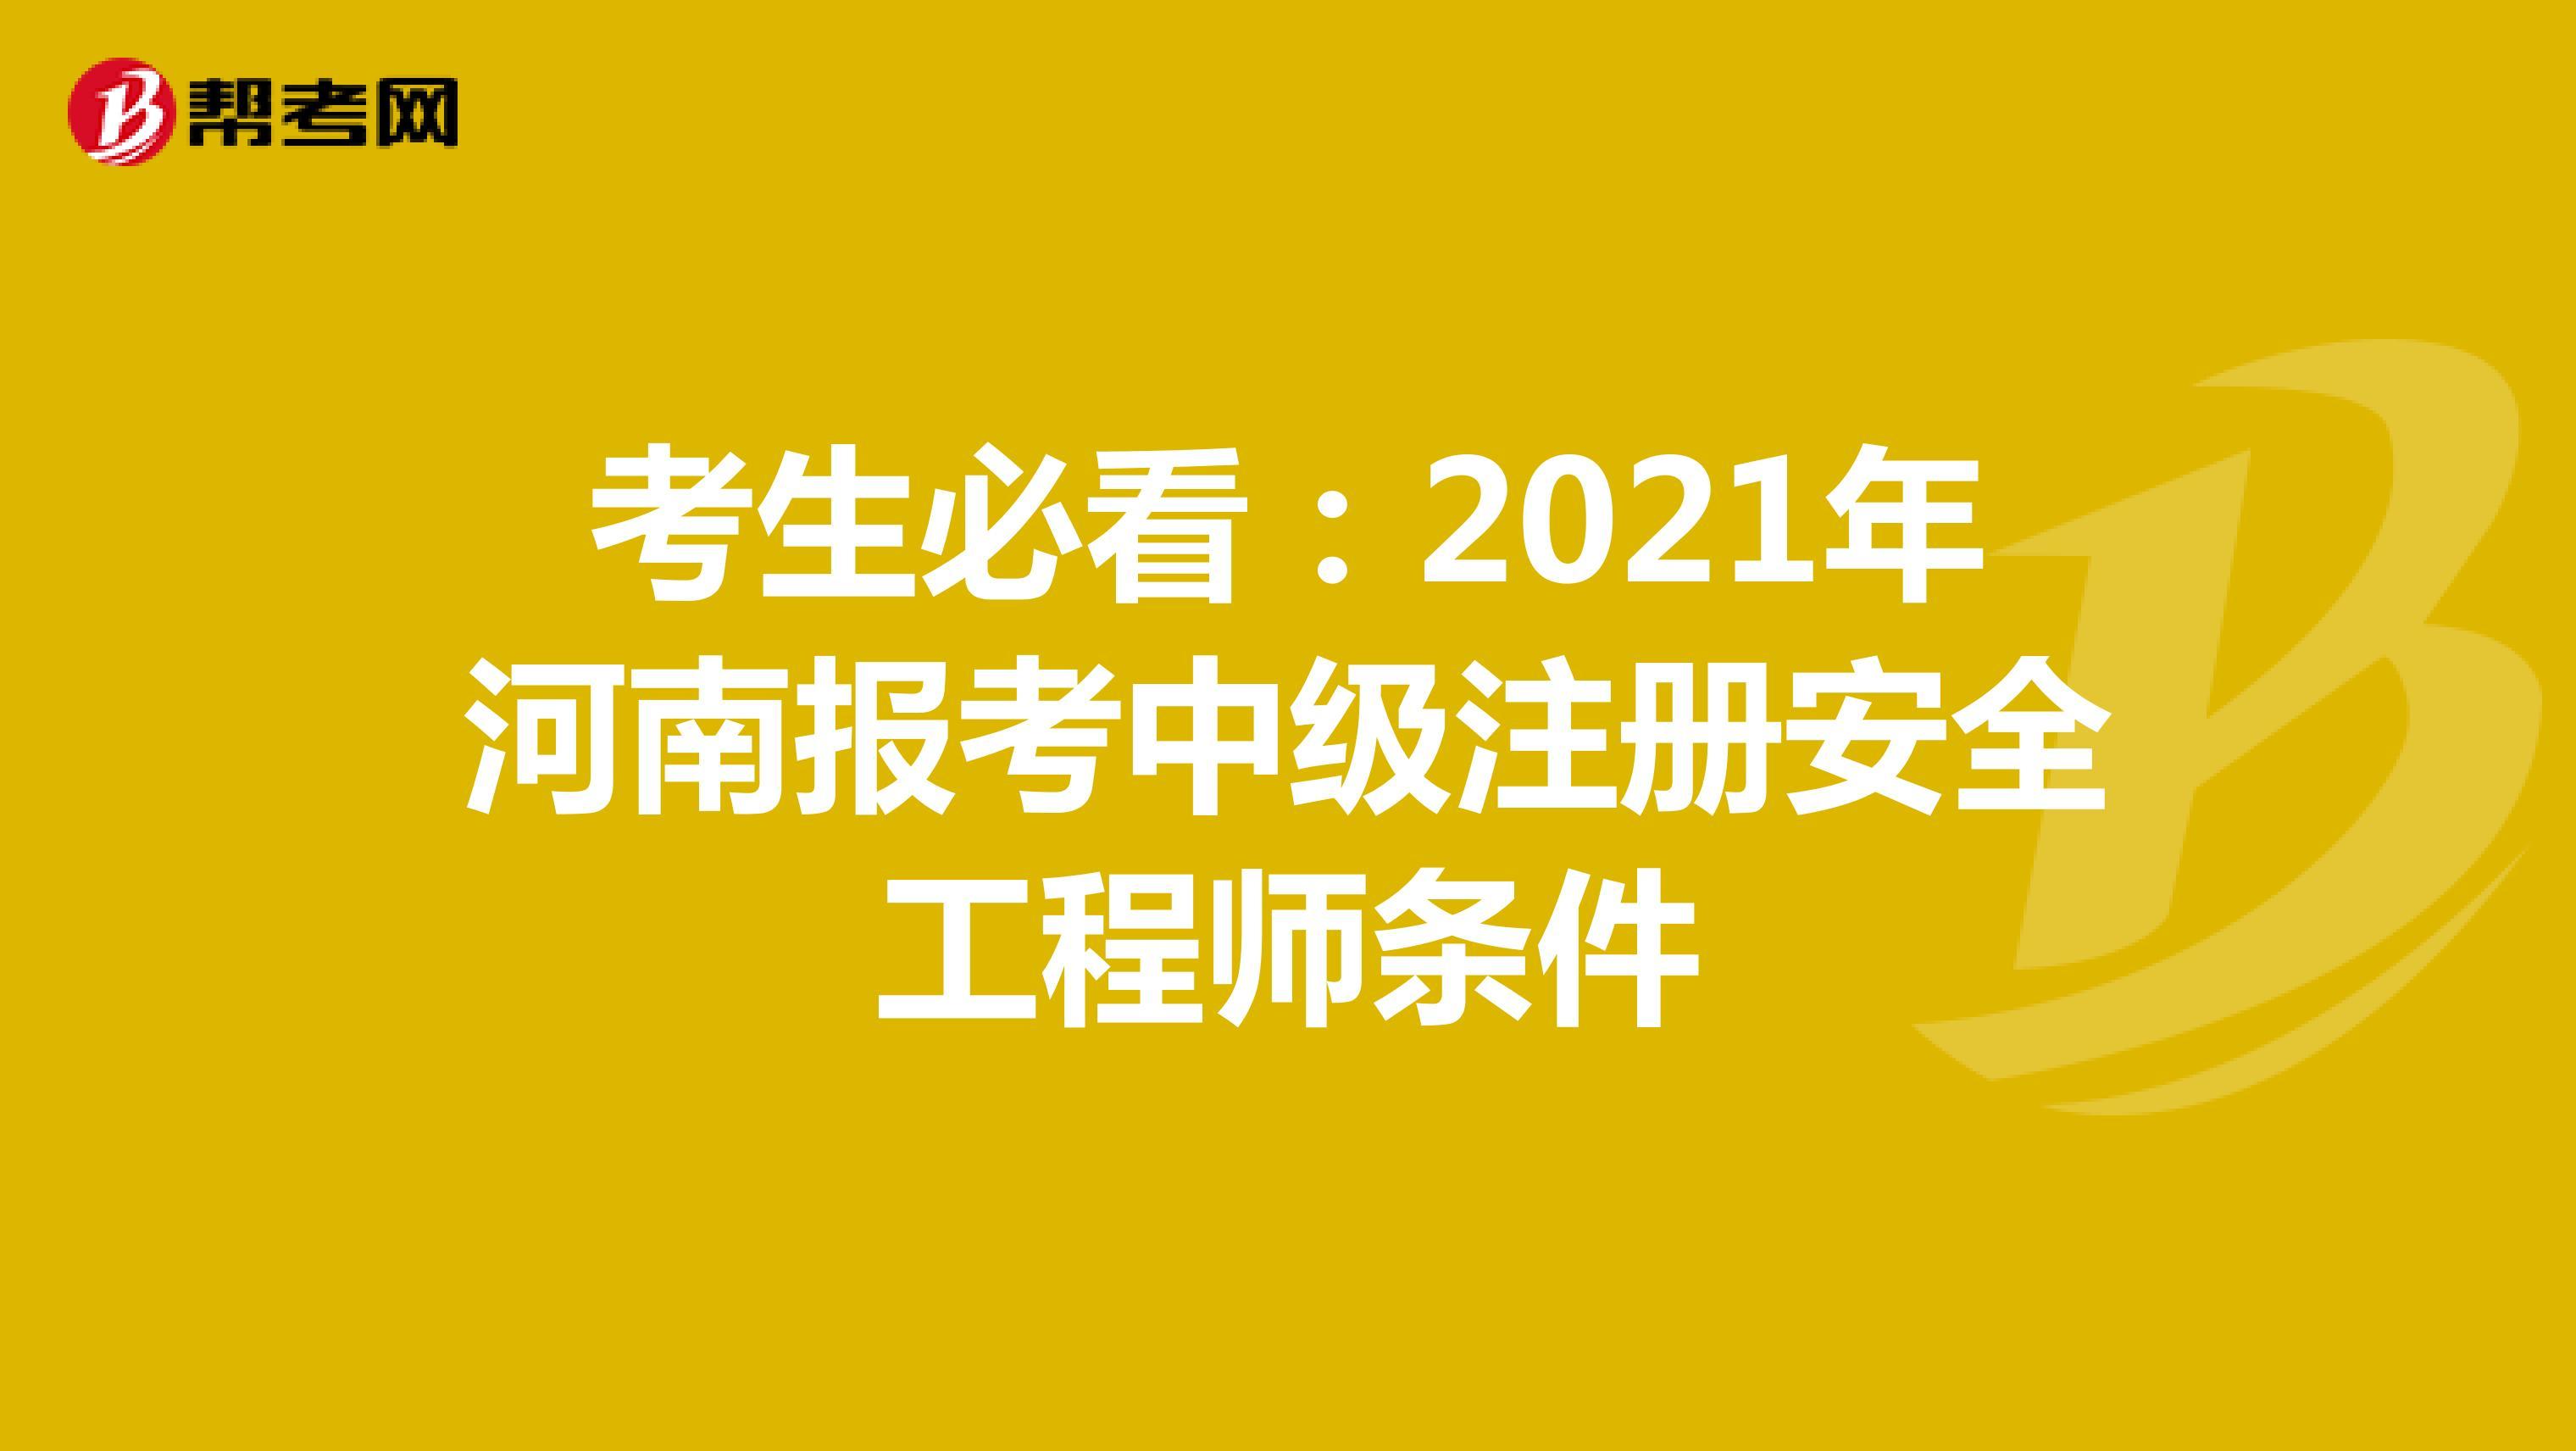 考生必看:2021年河南报考中级注册安全工程师条件